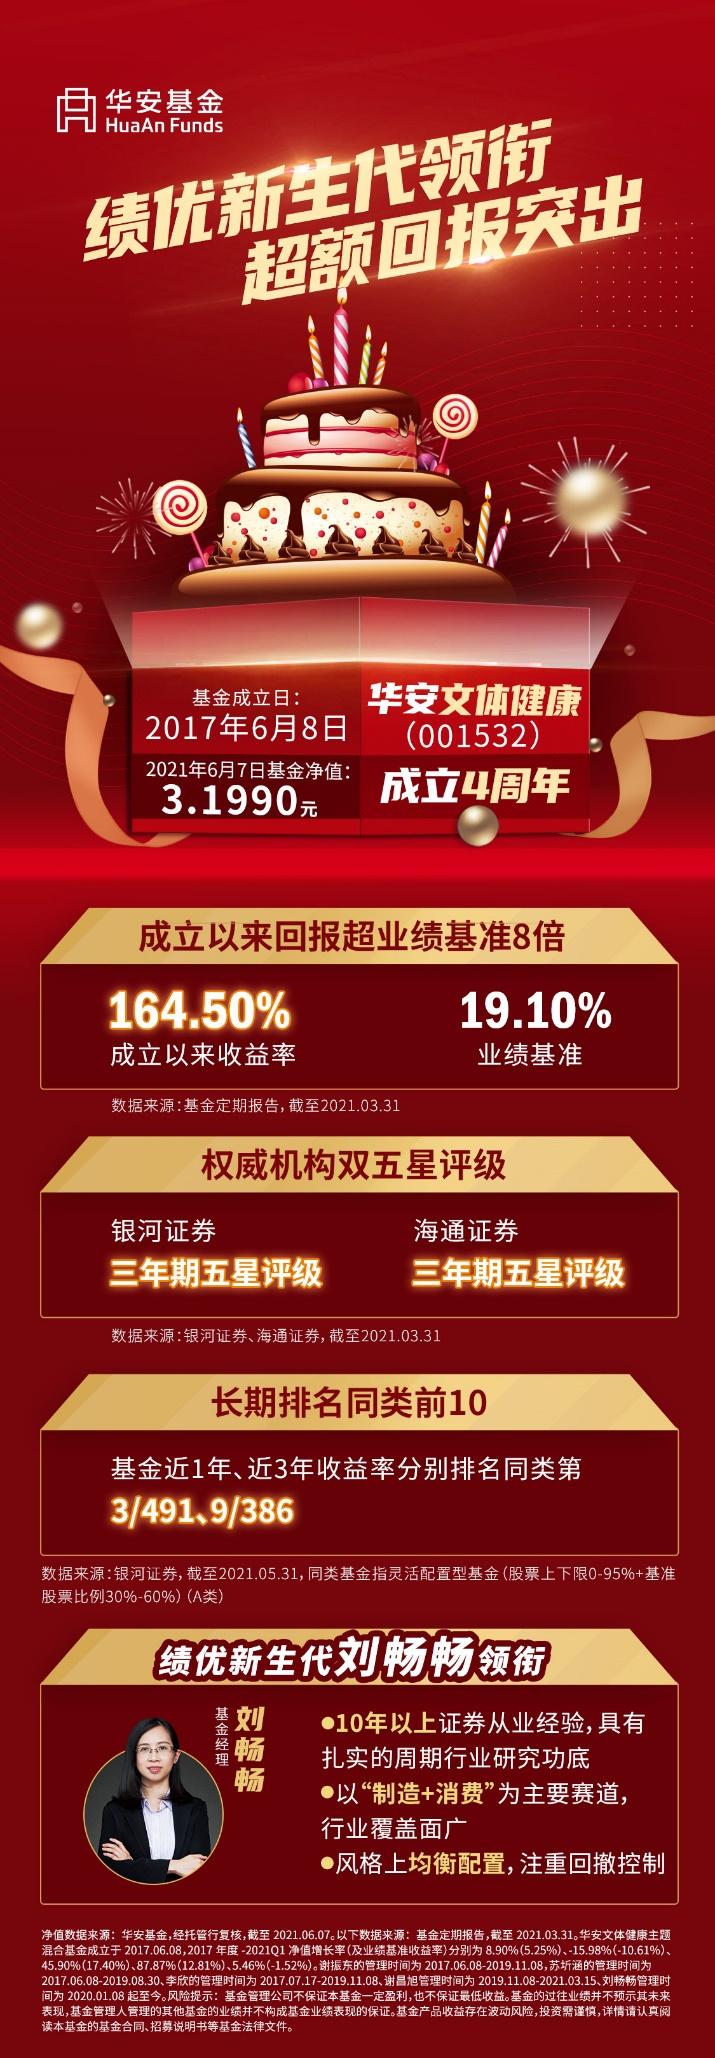 华安文体健康成立4周年,最新净值3.199元,矢志耕耘共赢未来!